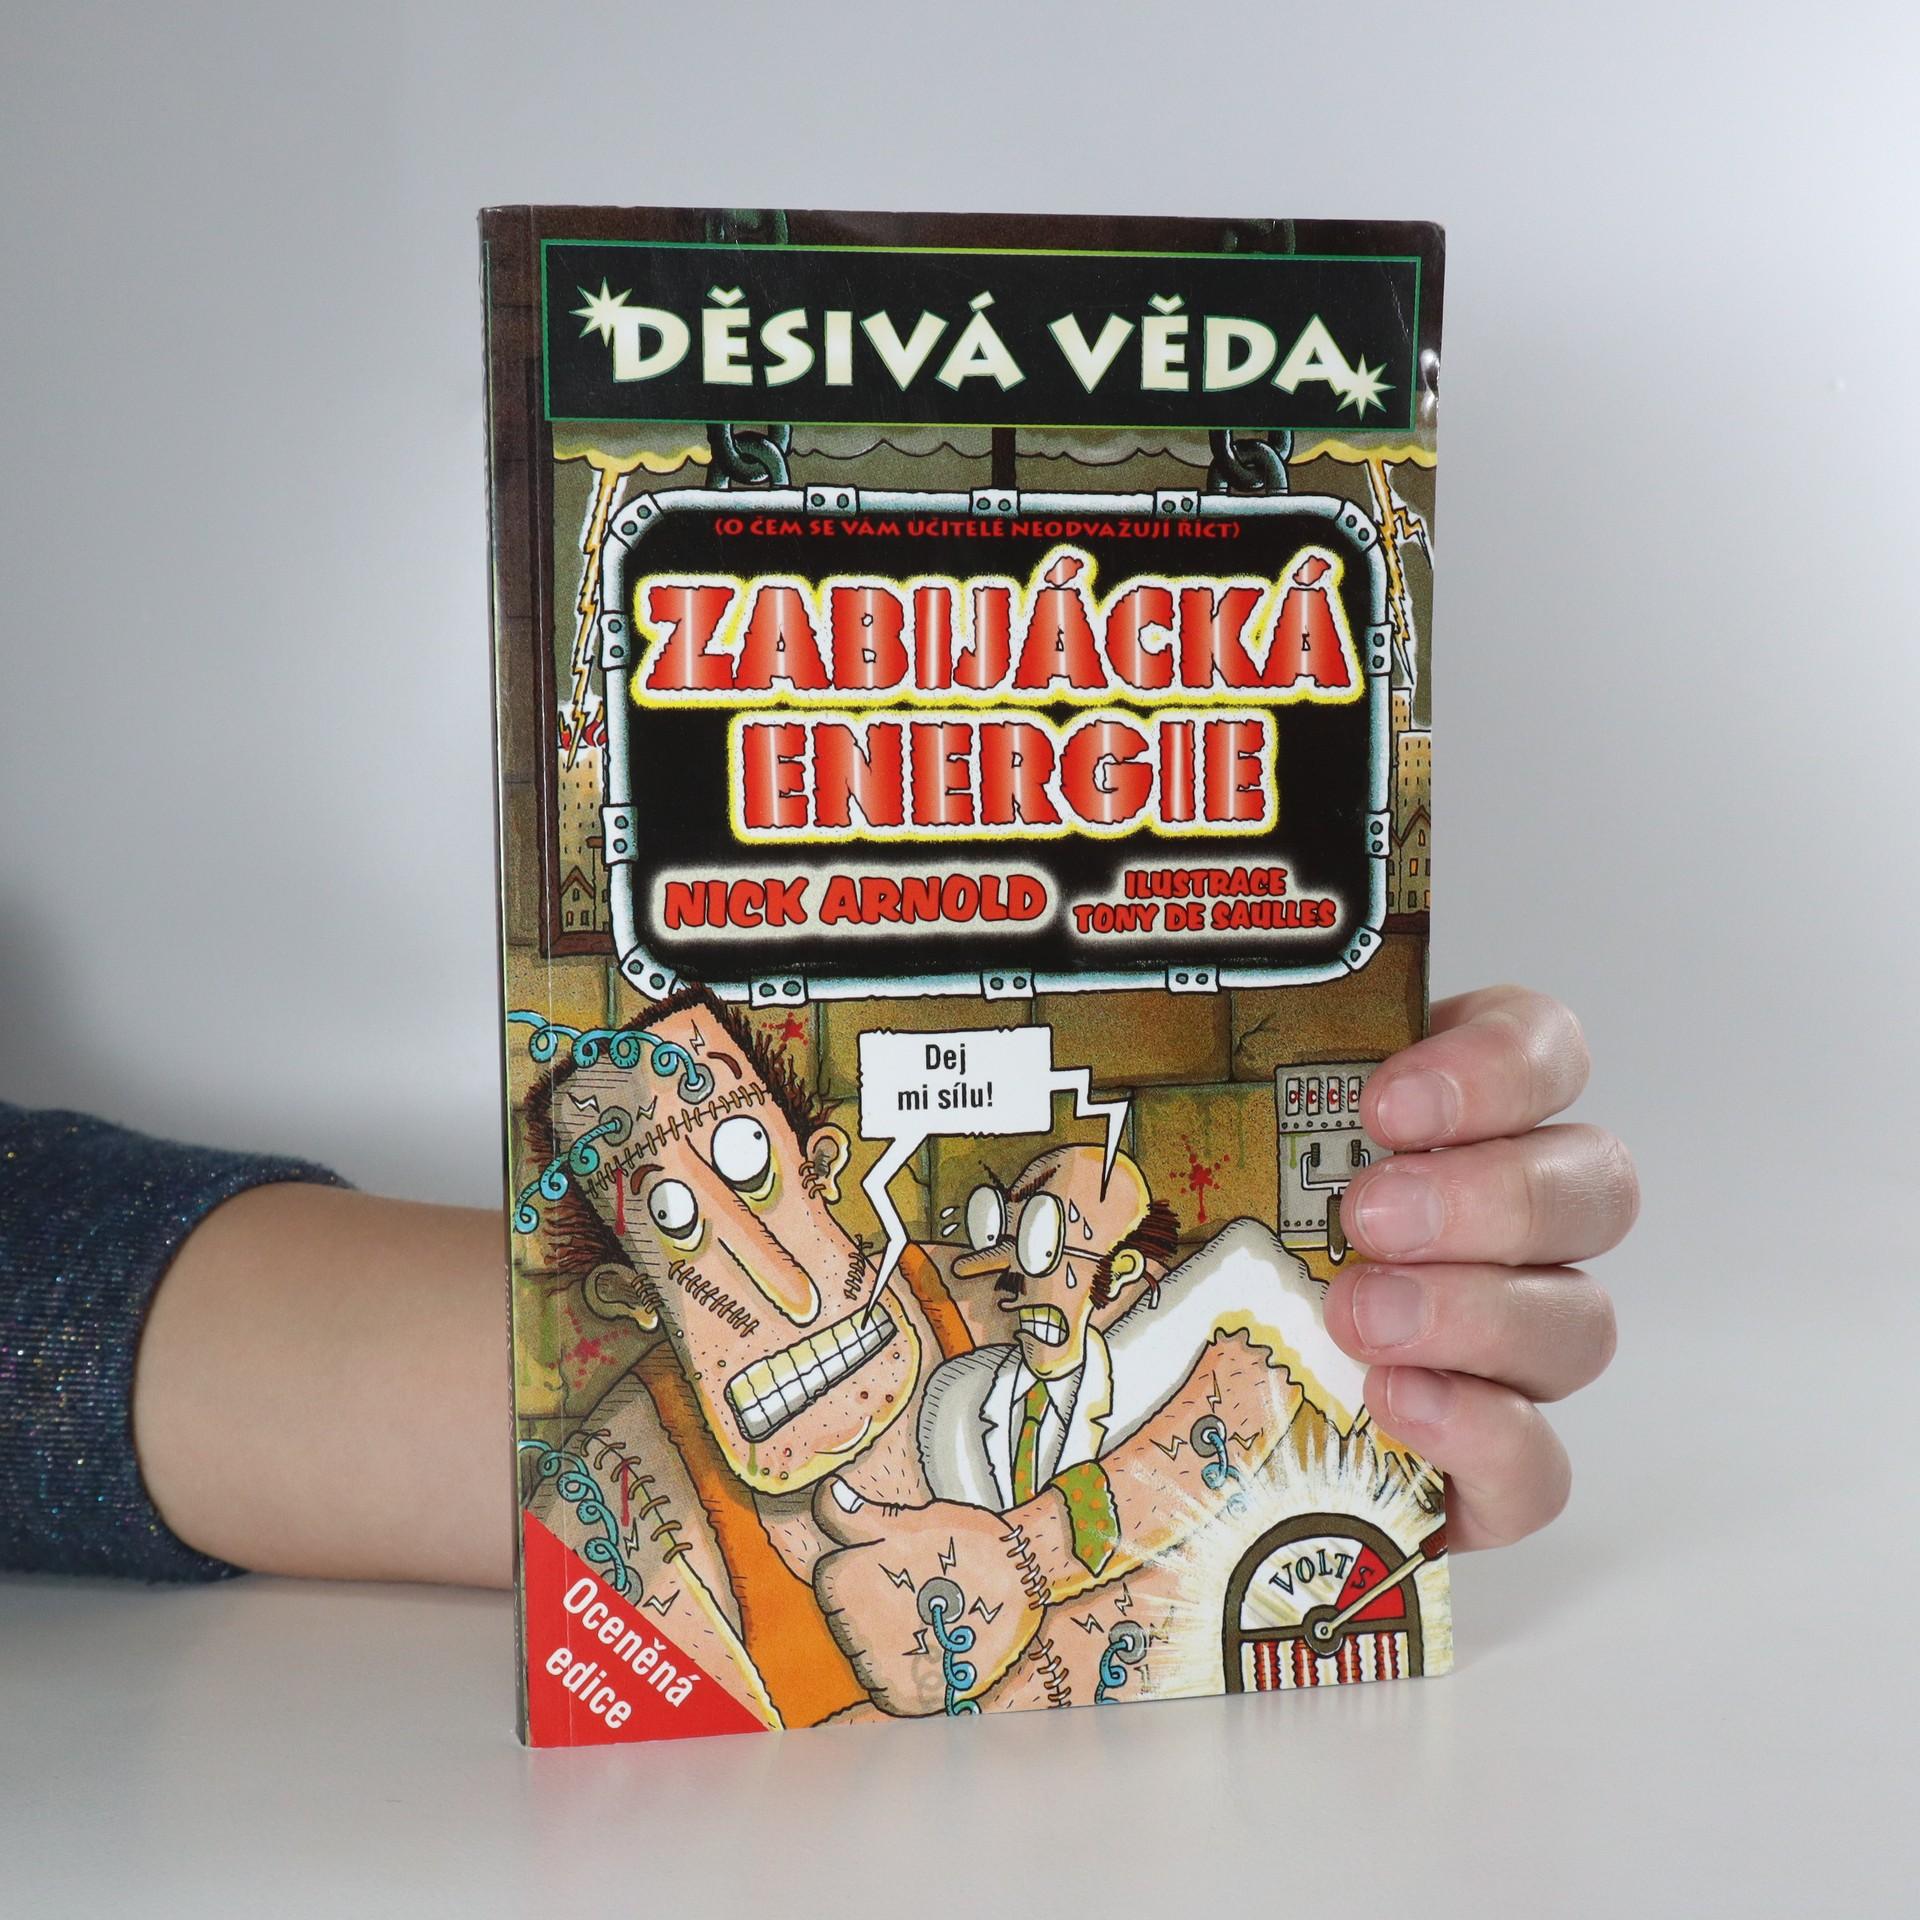 antikvární kniha Děsivá věda. Zabijácká energie, 2005